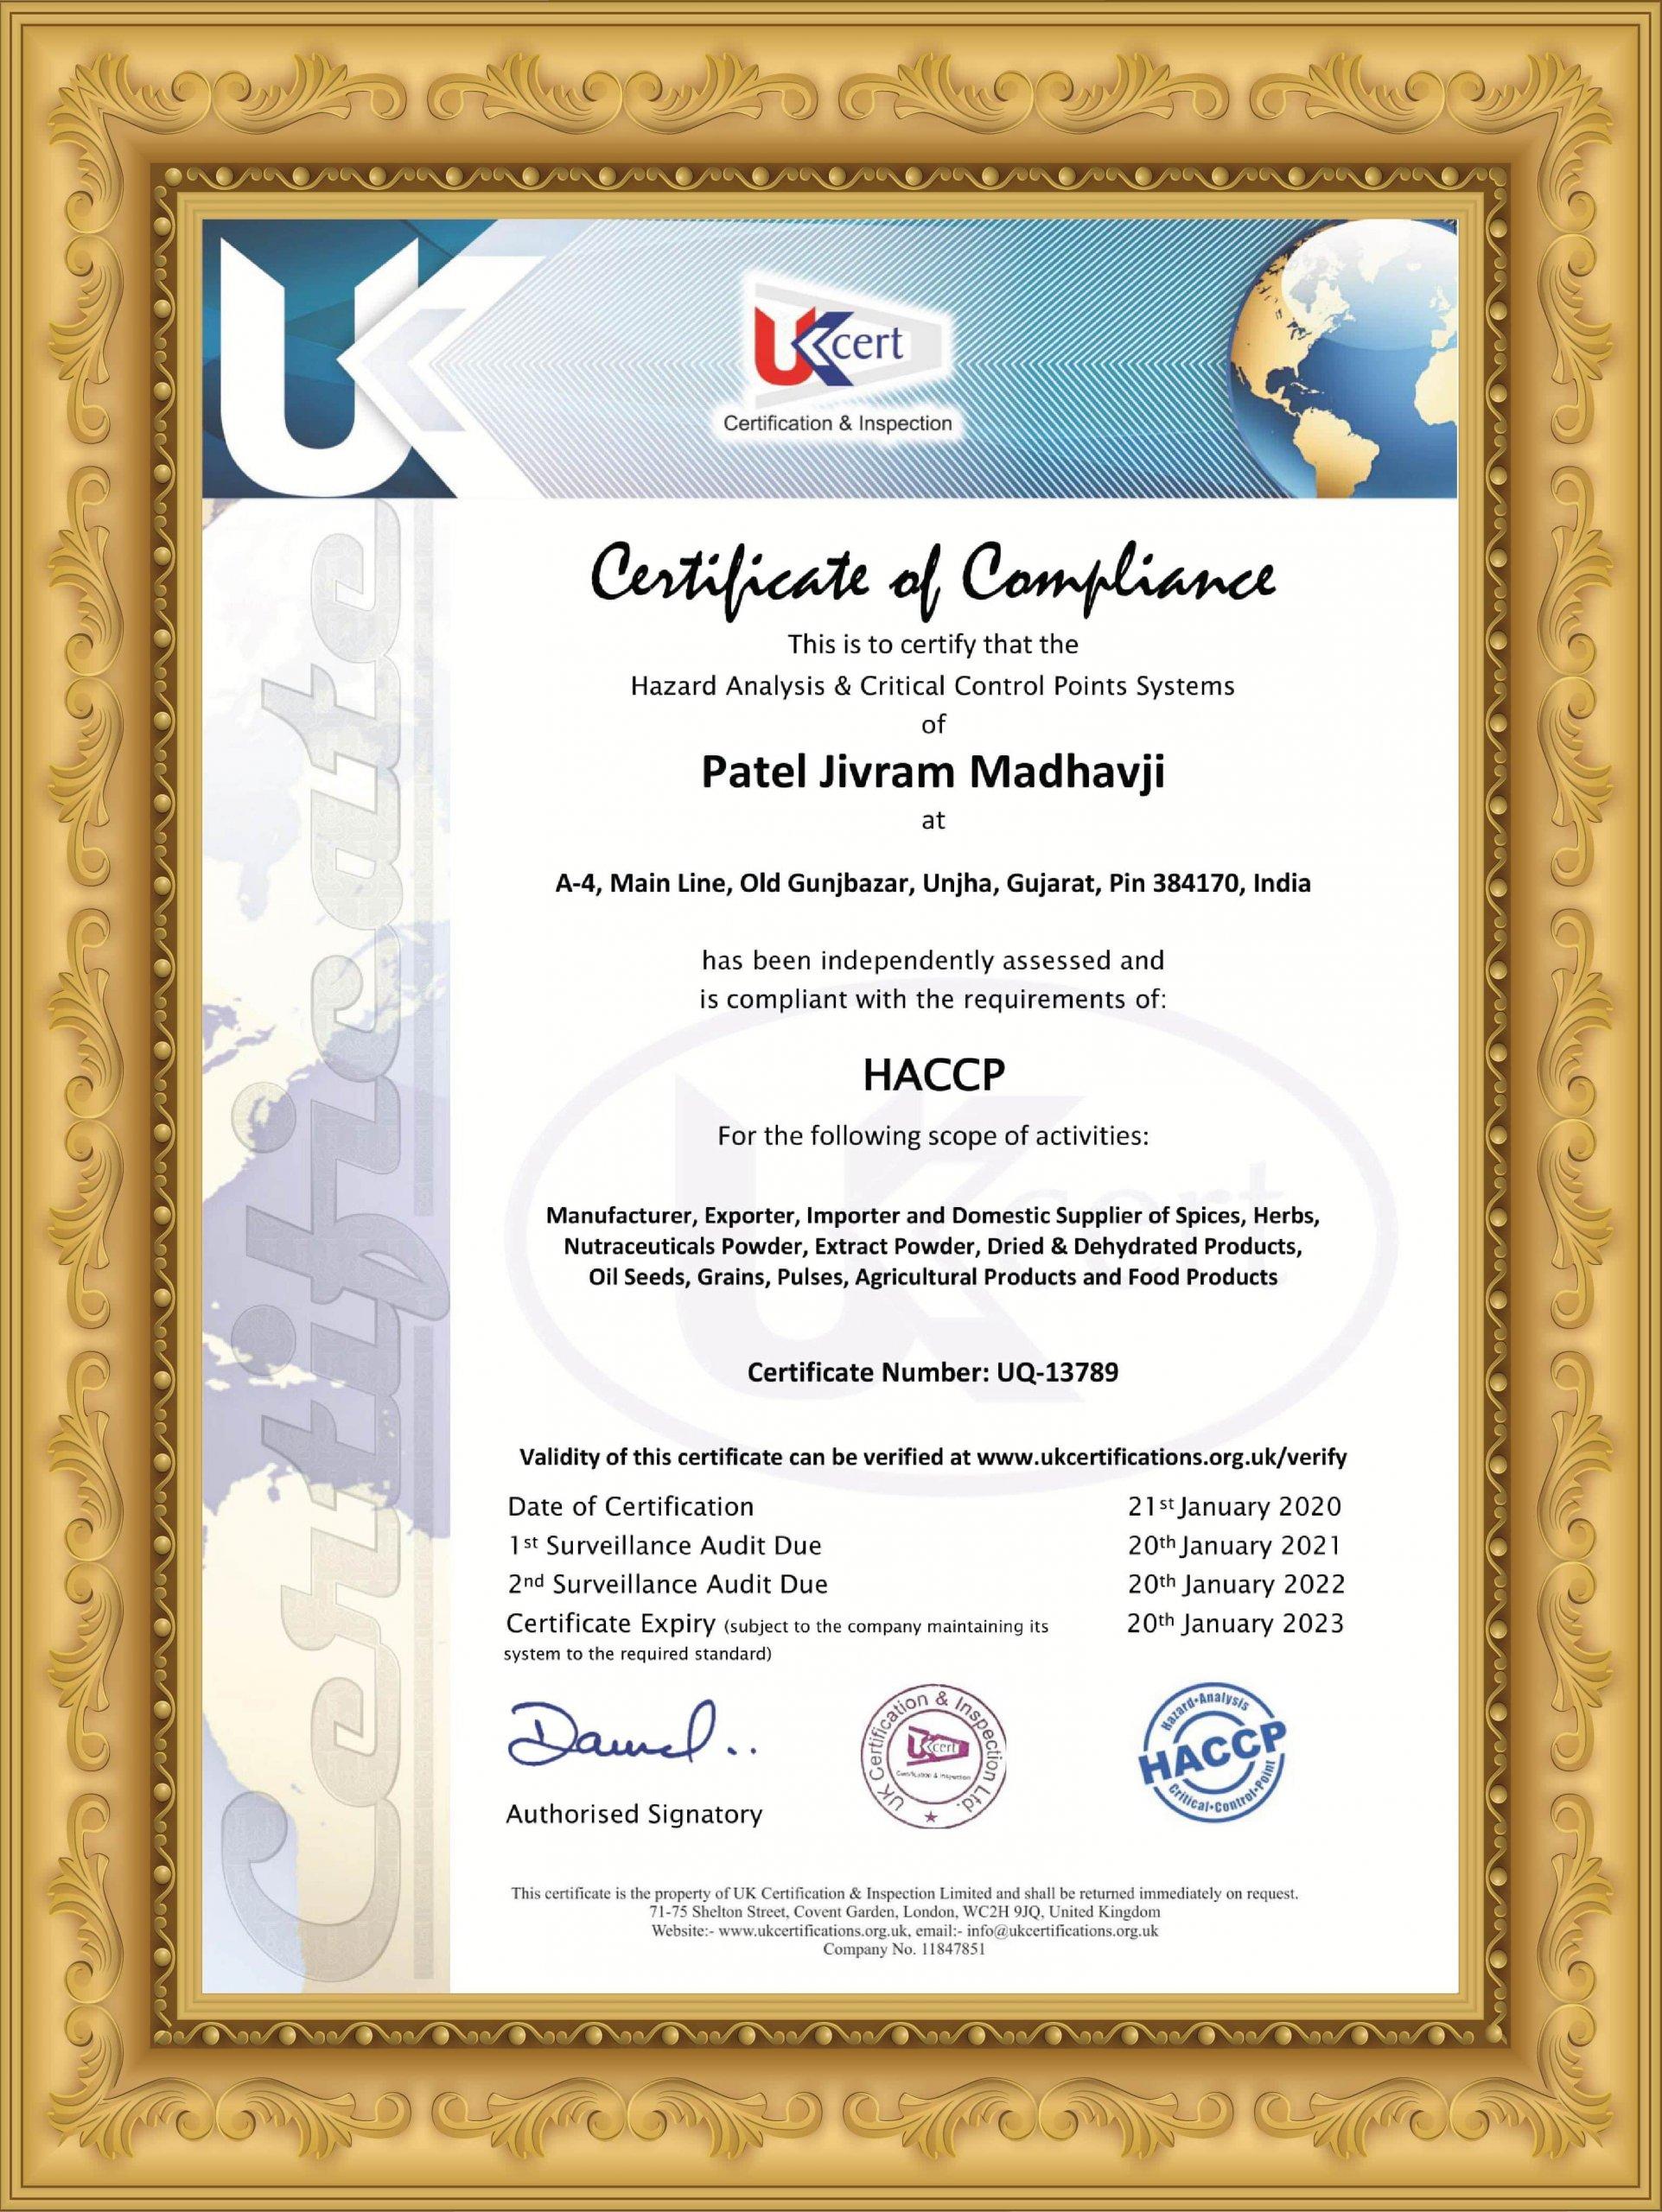 PJM HACCP Certificate PJM Unjha